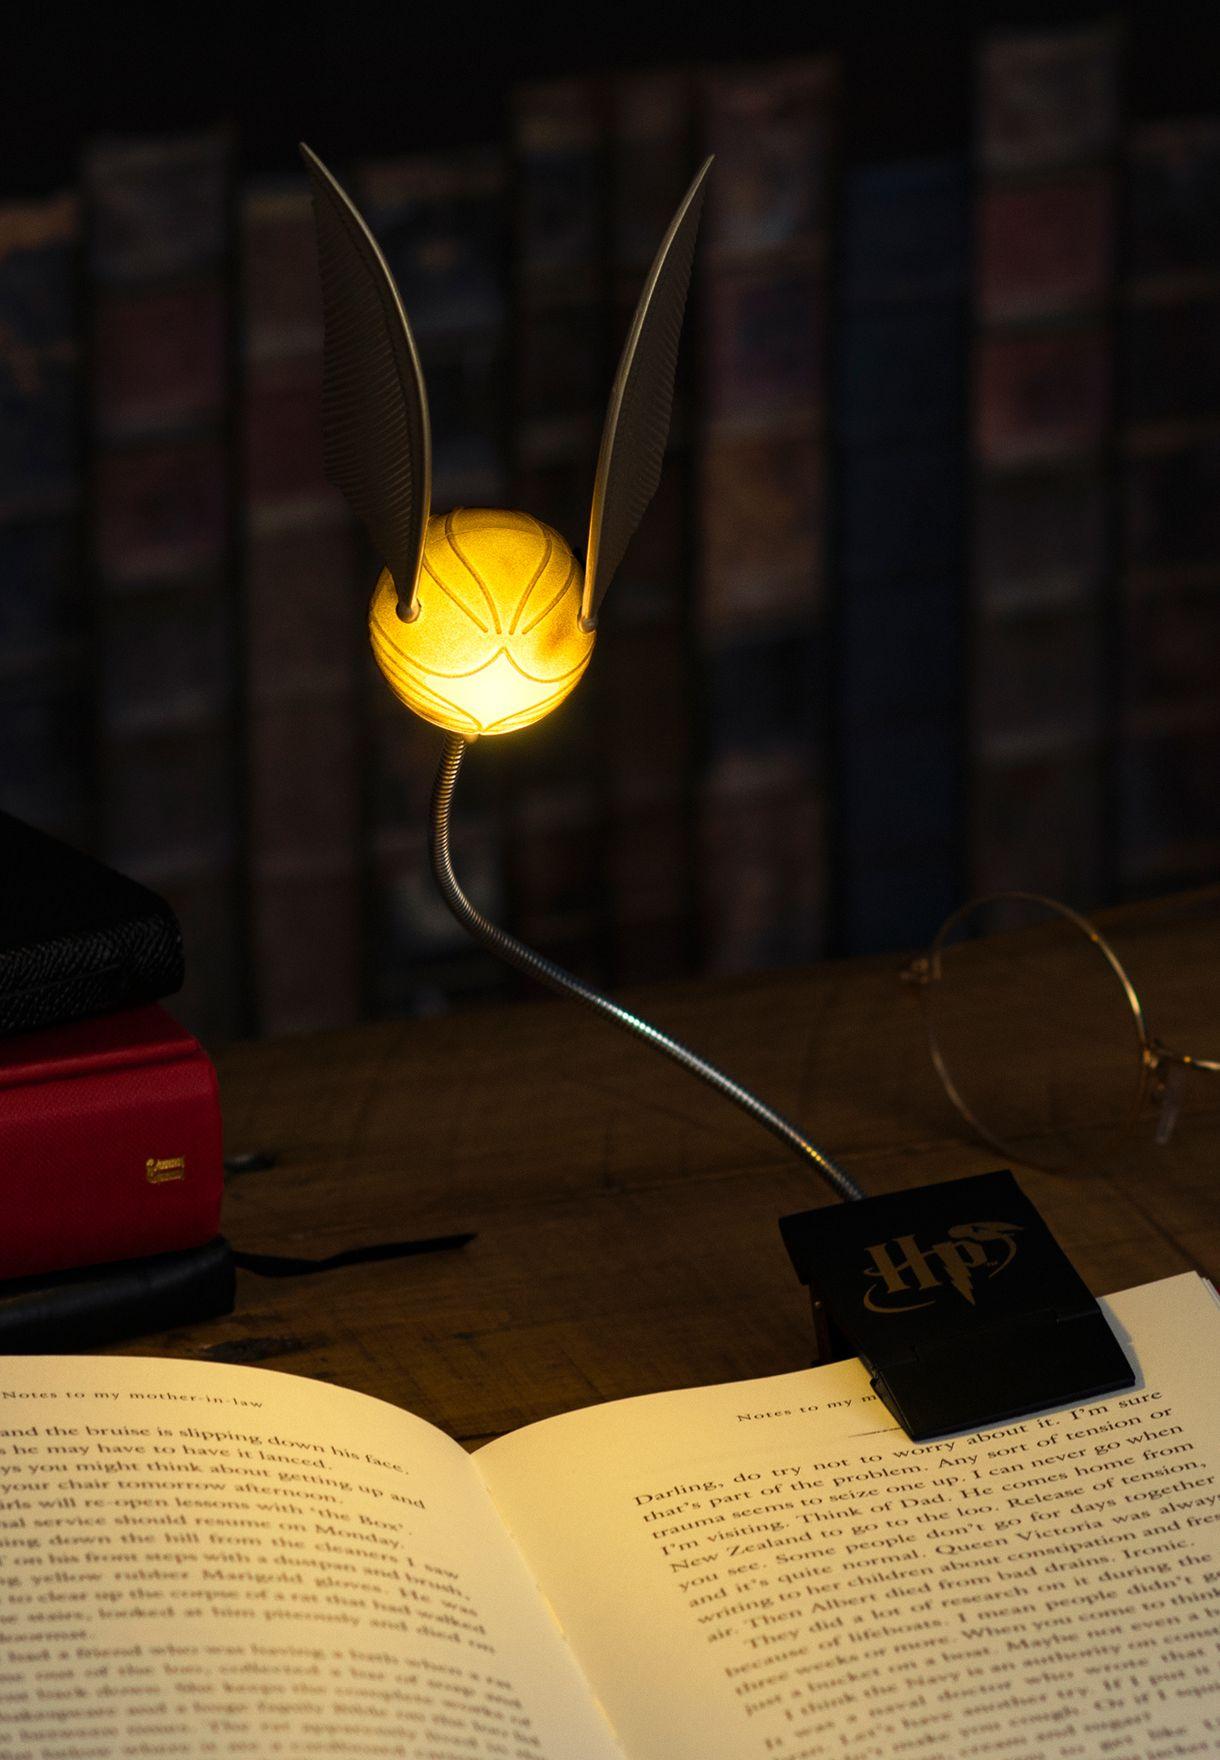 ضوء هاري بوتر